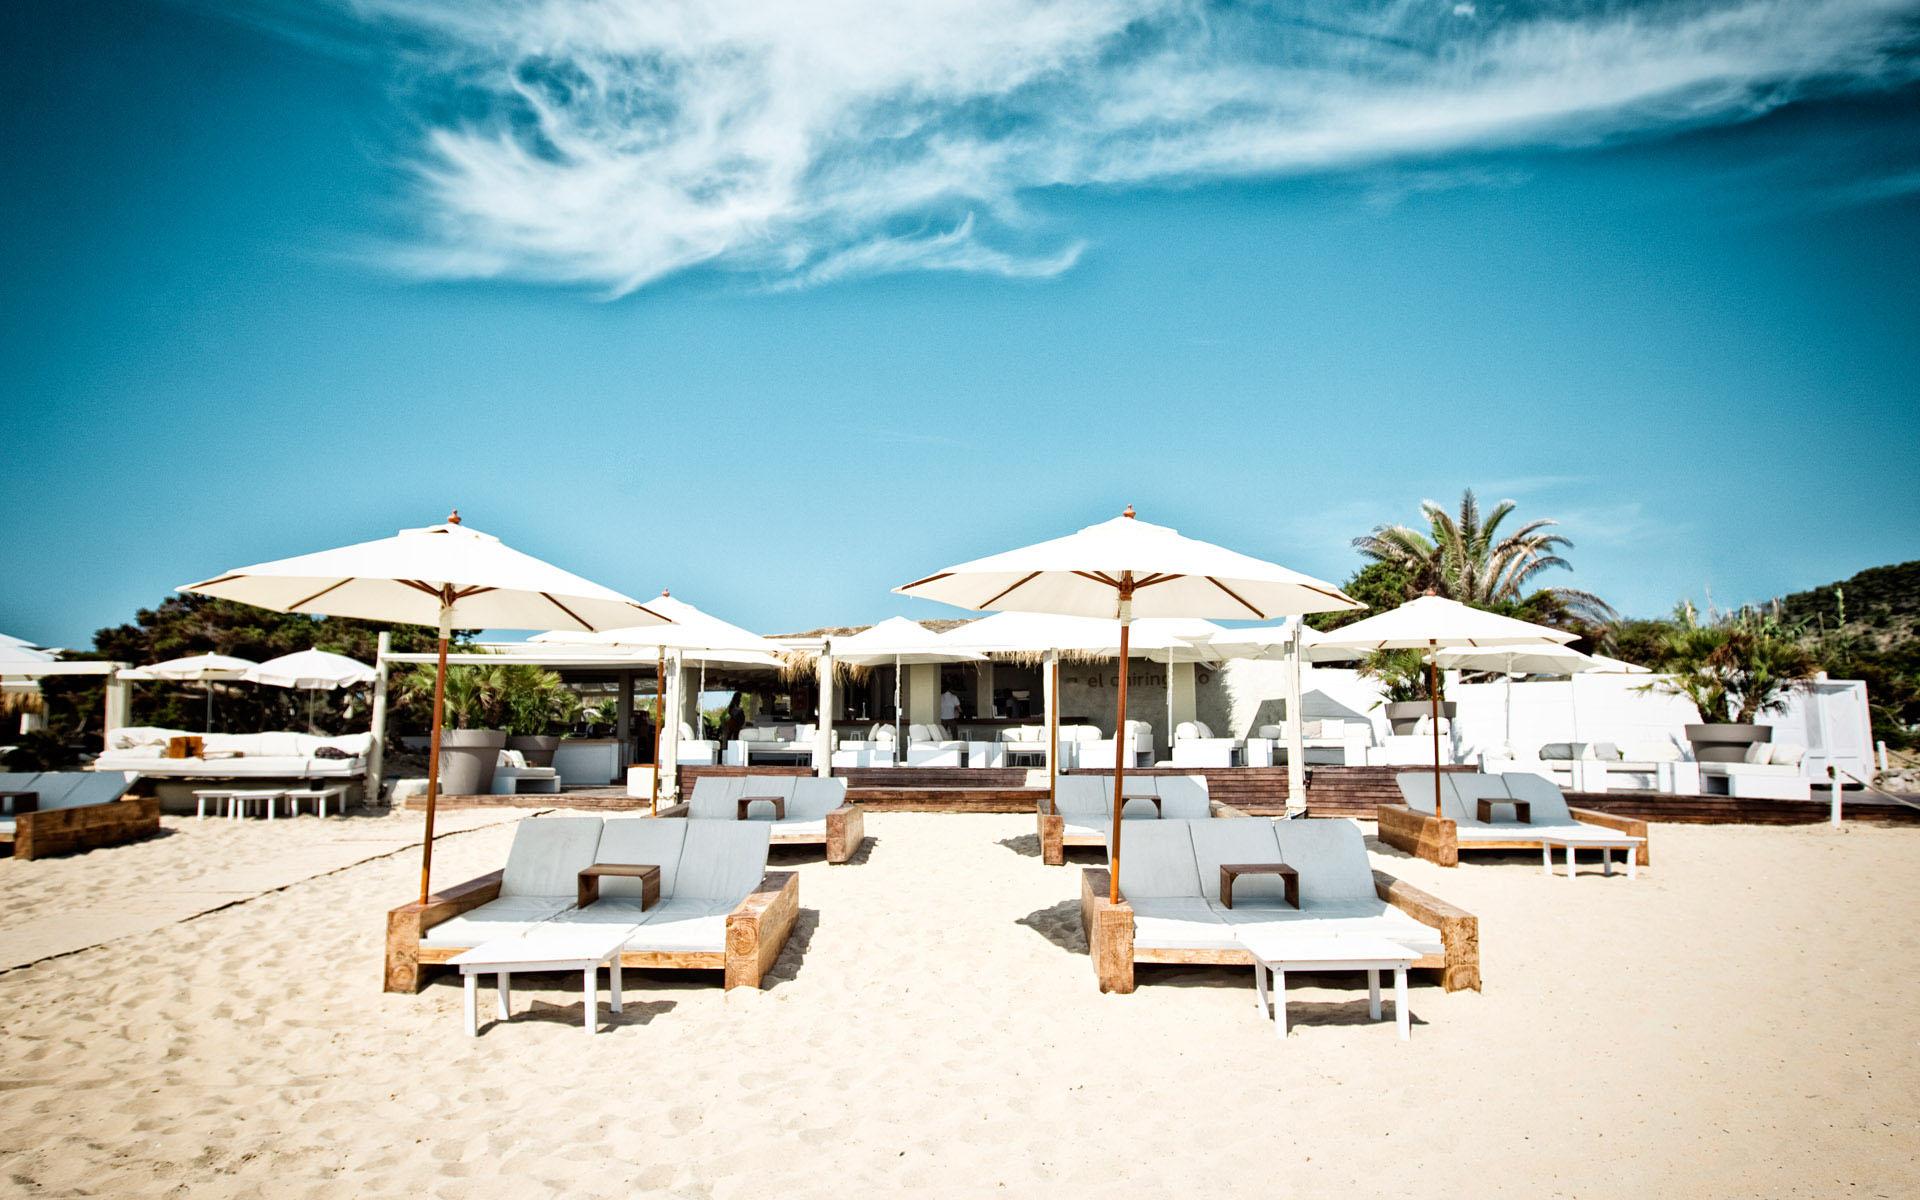 El Chiringuito Beach club